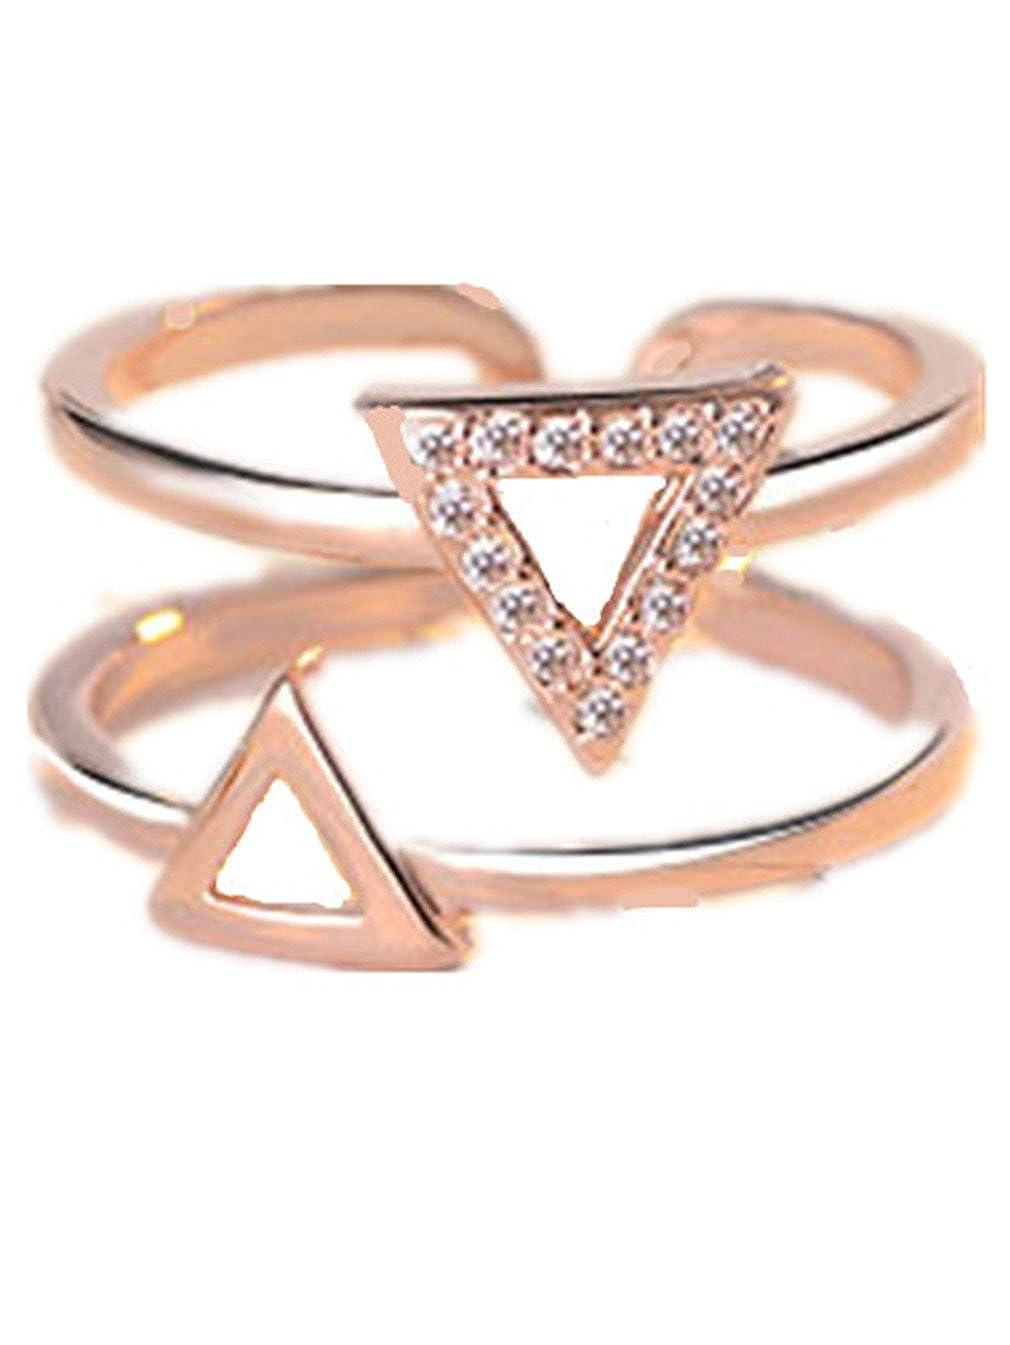 Femme Bague Réglable Simplicité du Style Argent 925 Des Lignes Double anneau d'ouverture triangulaire Anneau de la Queue-Rose Or Summens KKJ48XS-Gold f